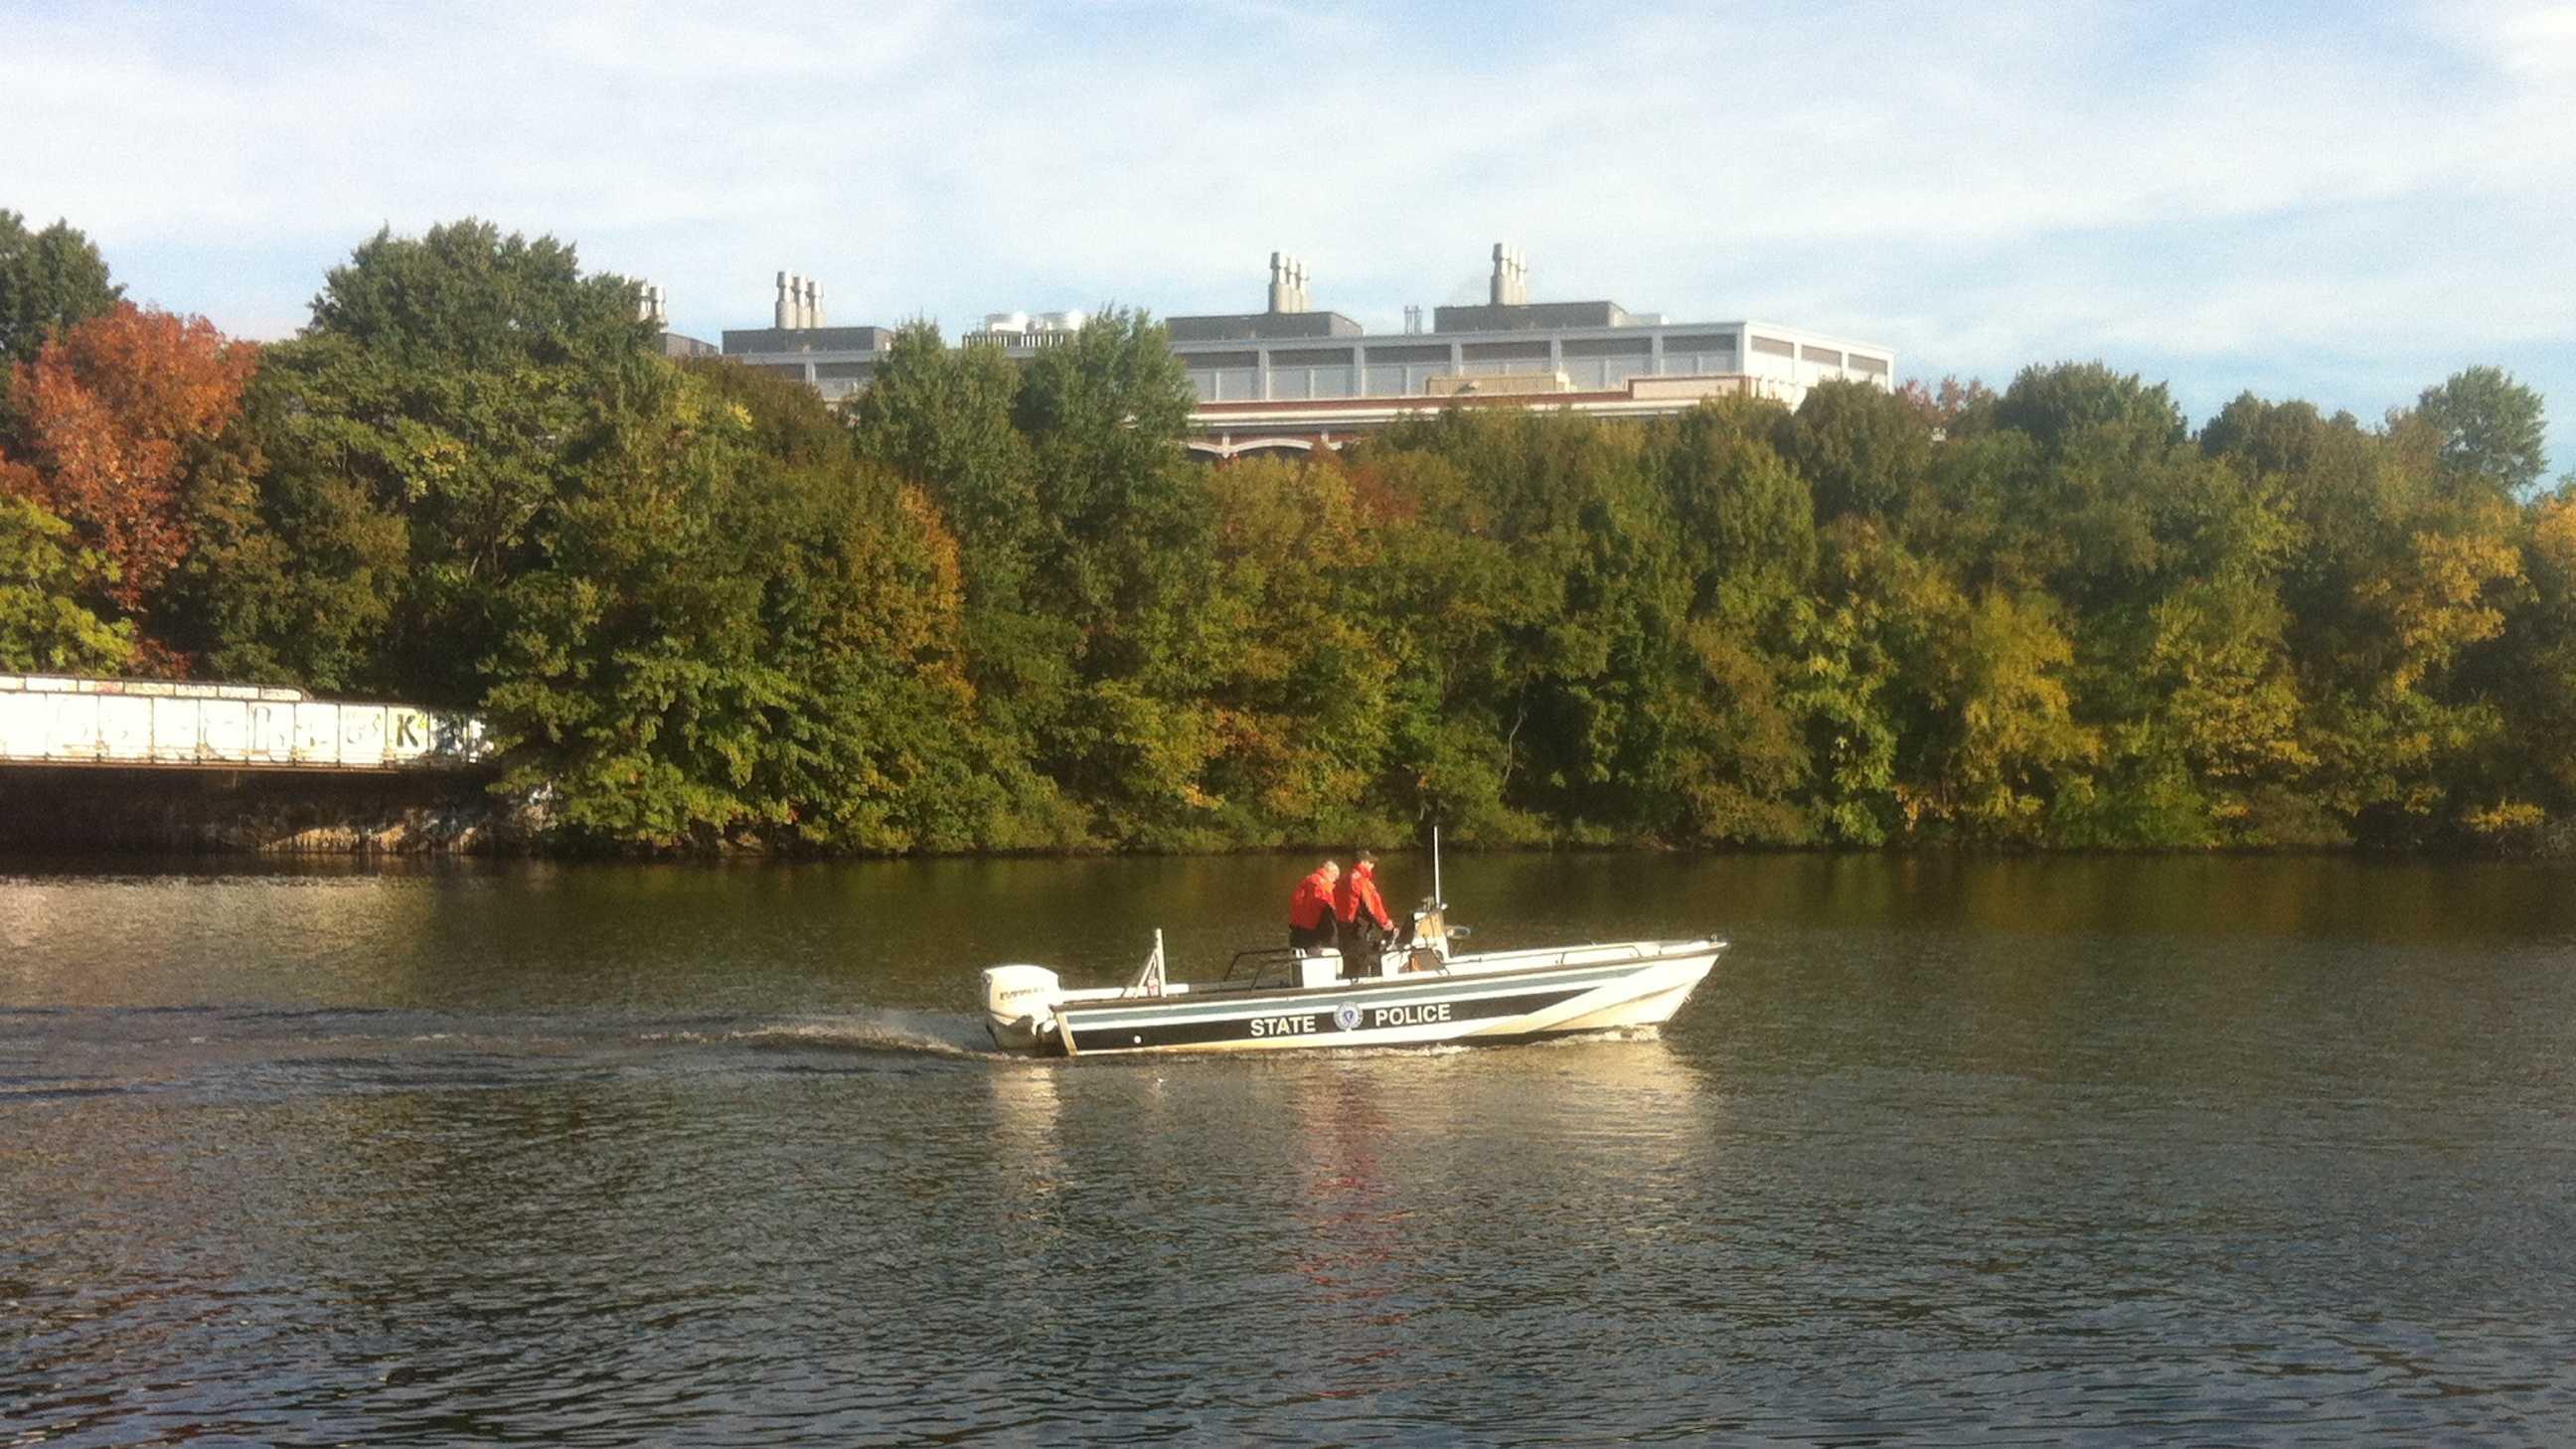 State police boat in river